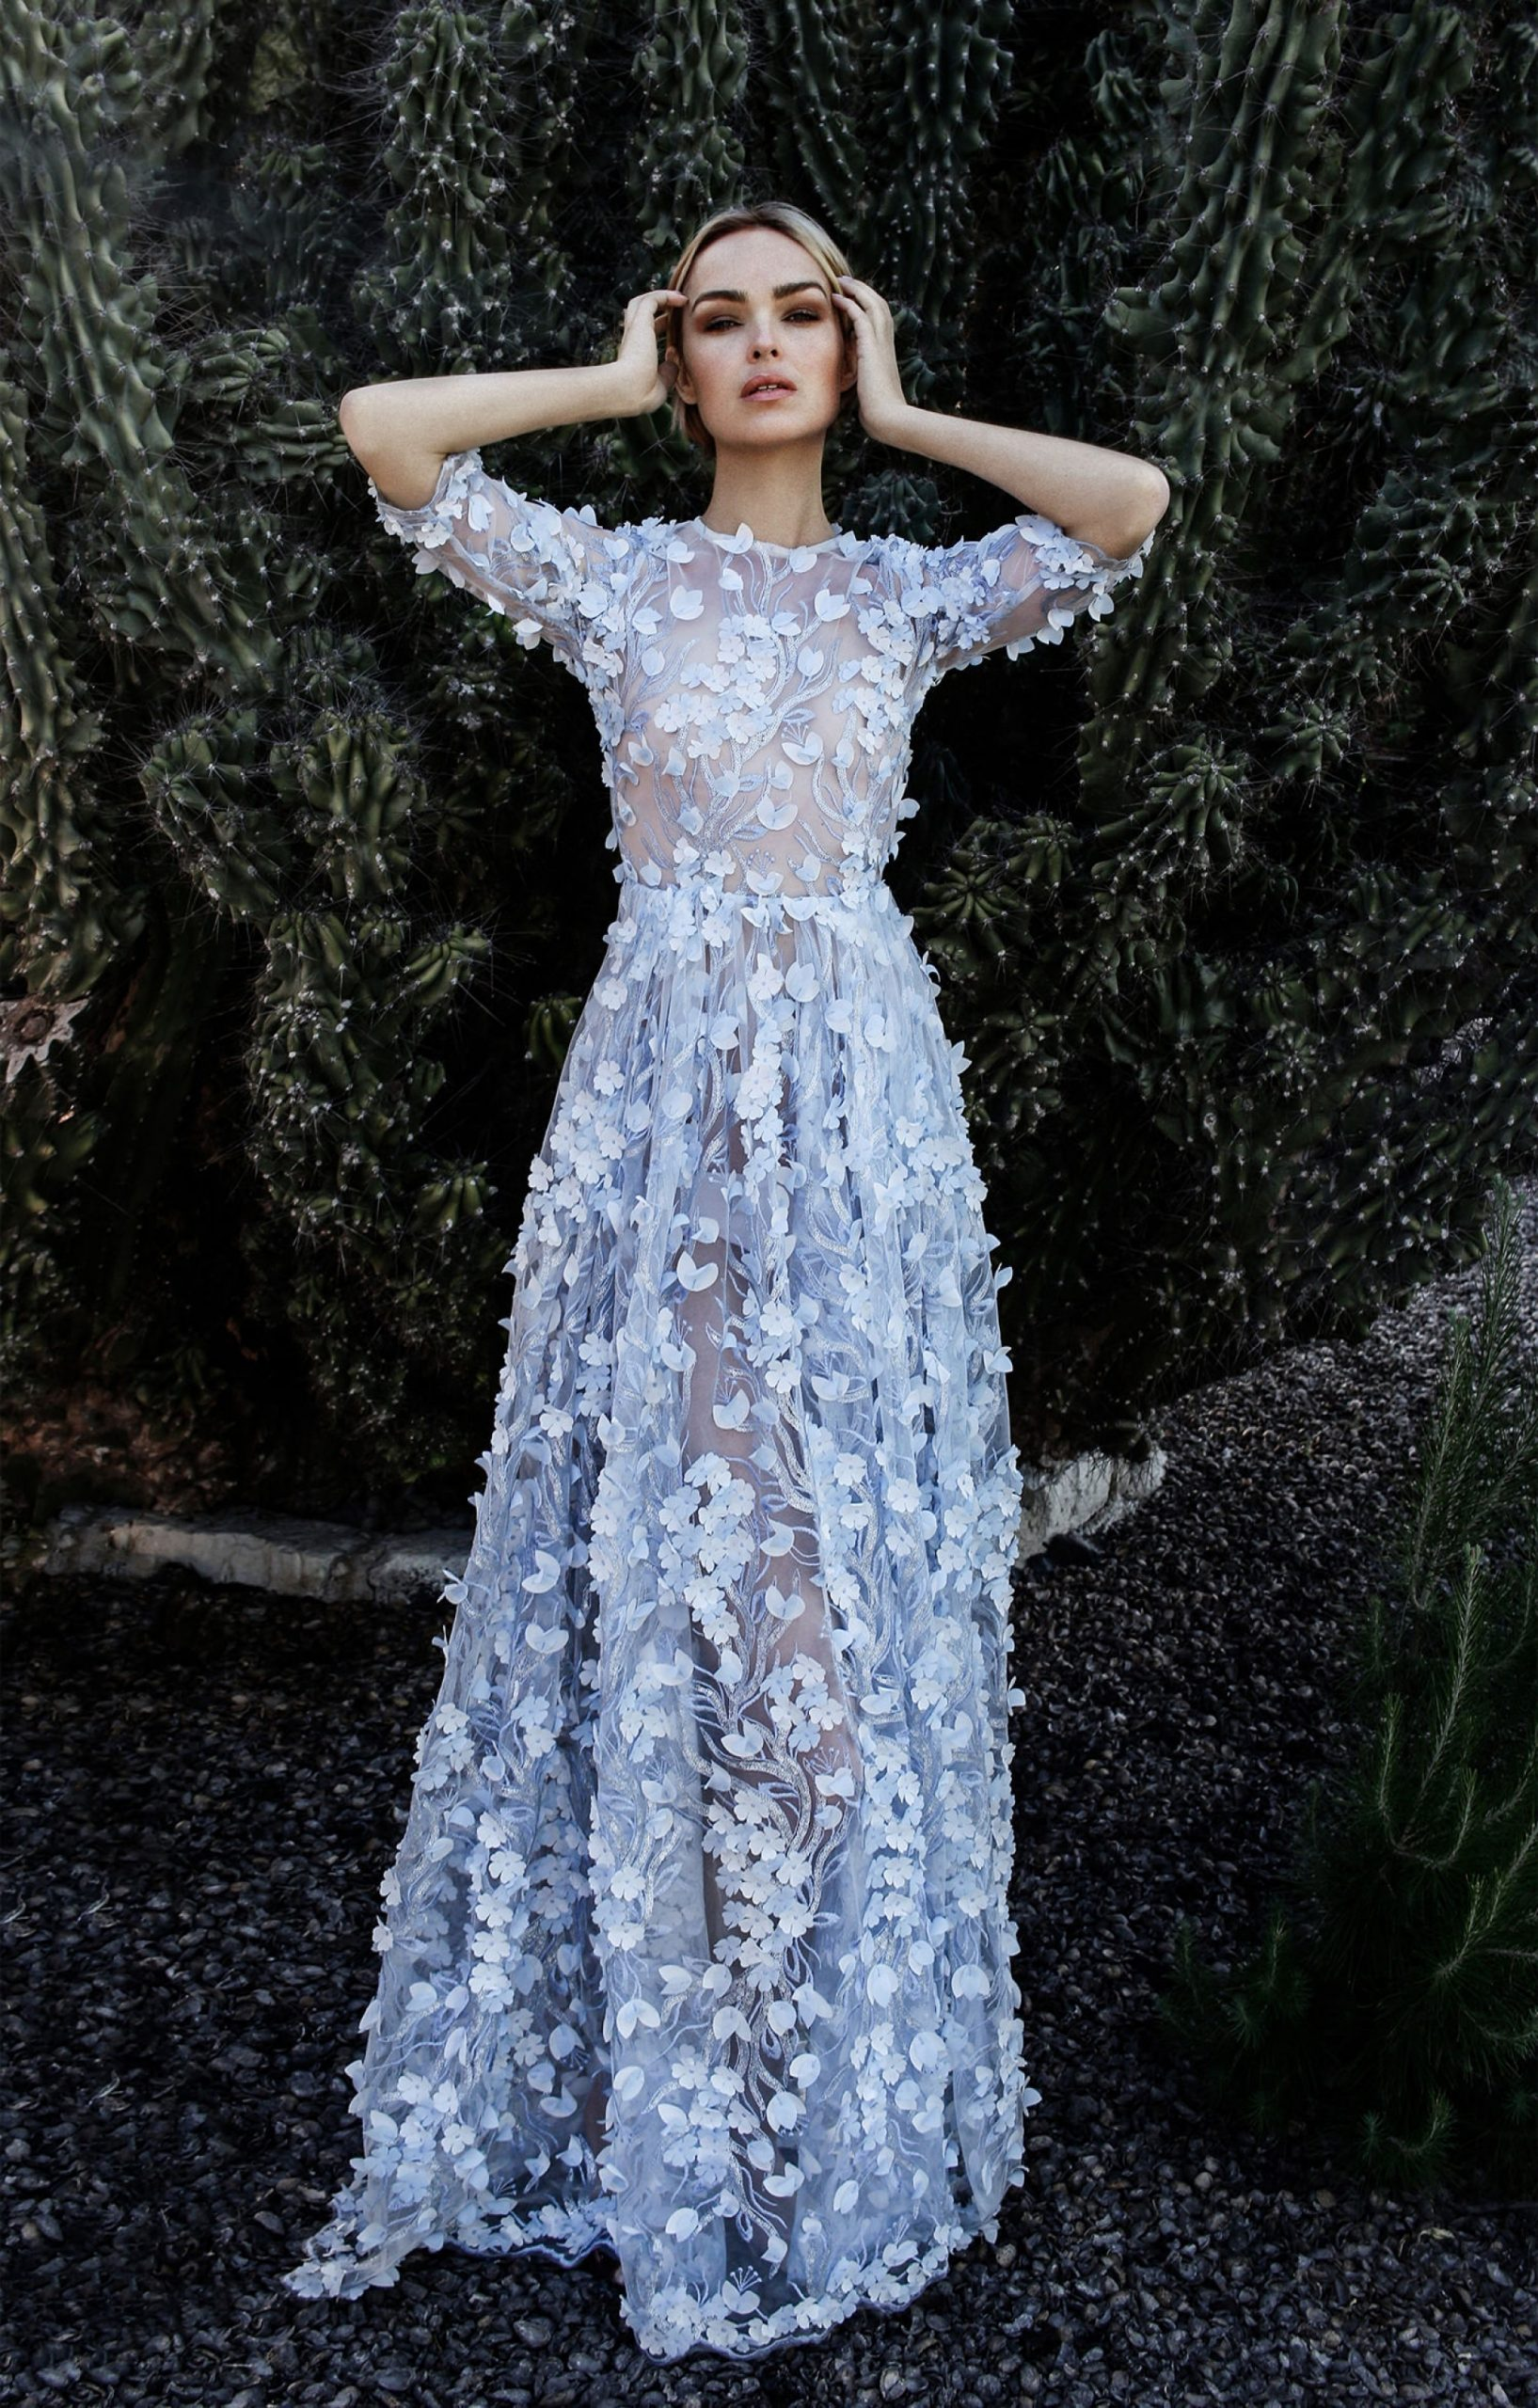 Abend Spektakulär Abendkleider Designer StylishFormal Elegant Abendkleider Designer für 2019